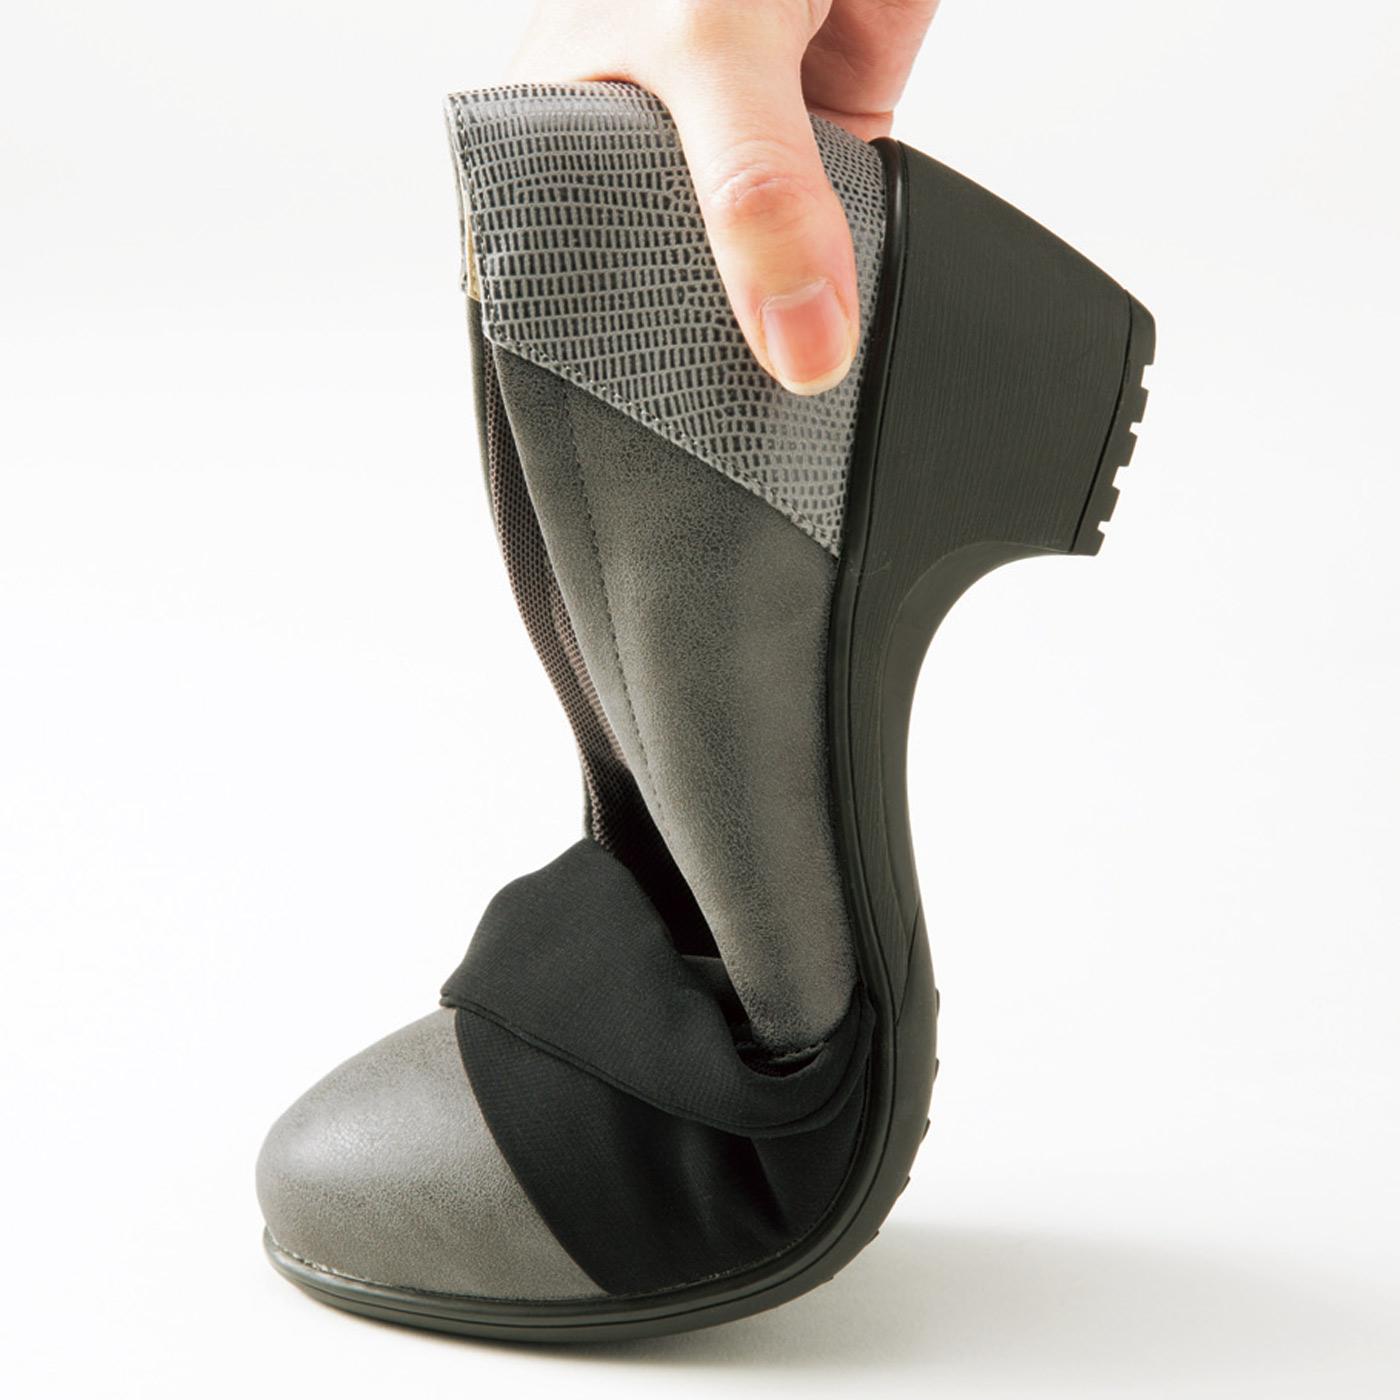 【しなやかソール】しなやかに曲がり、衝撃を受けにくいゴム素材のモールドソールでスニーカー並みの歩きやすさ!